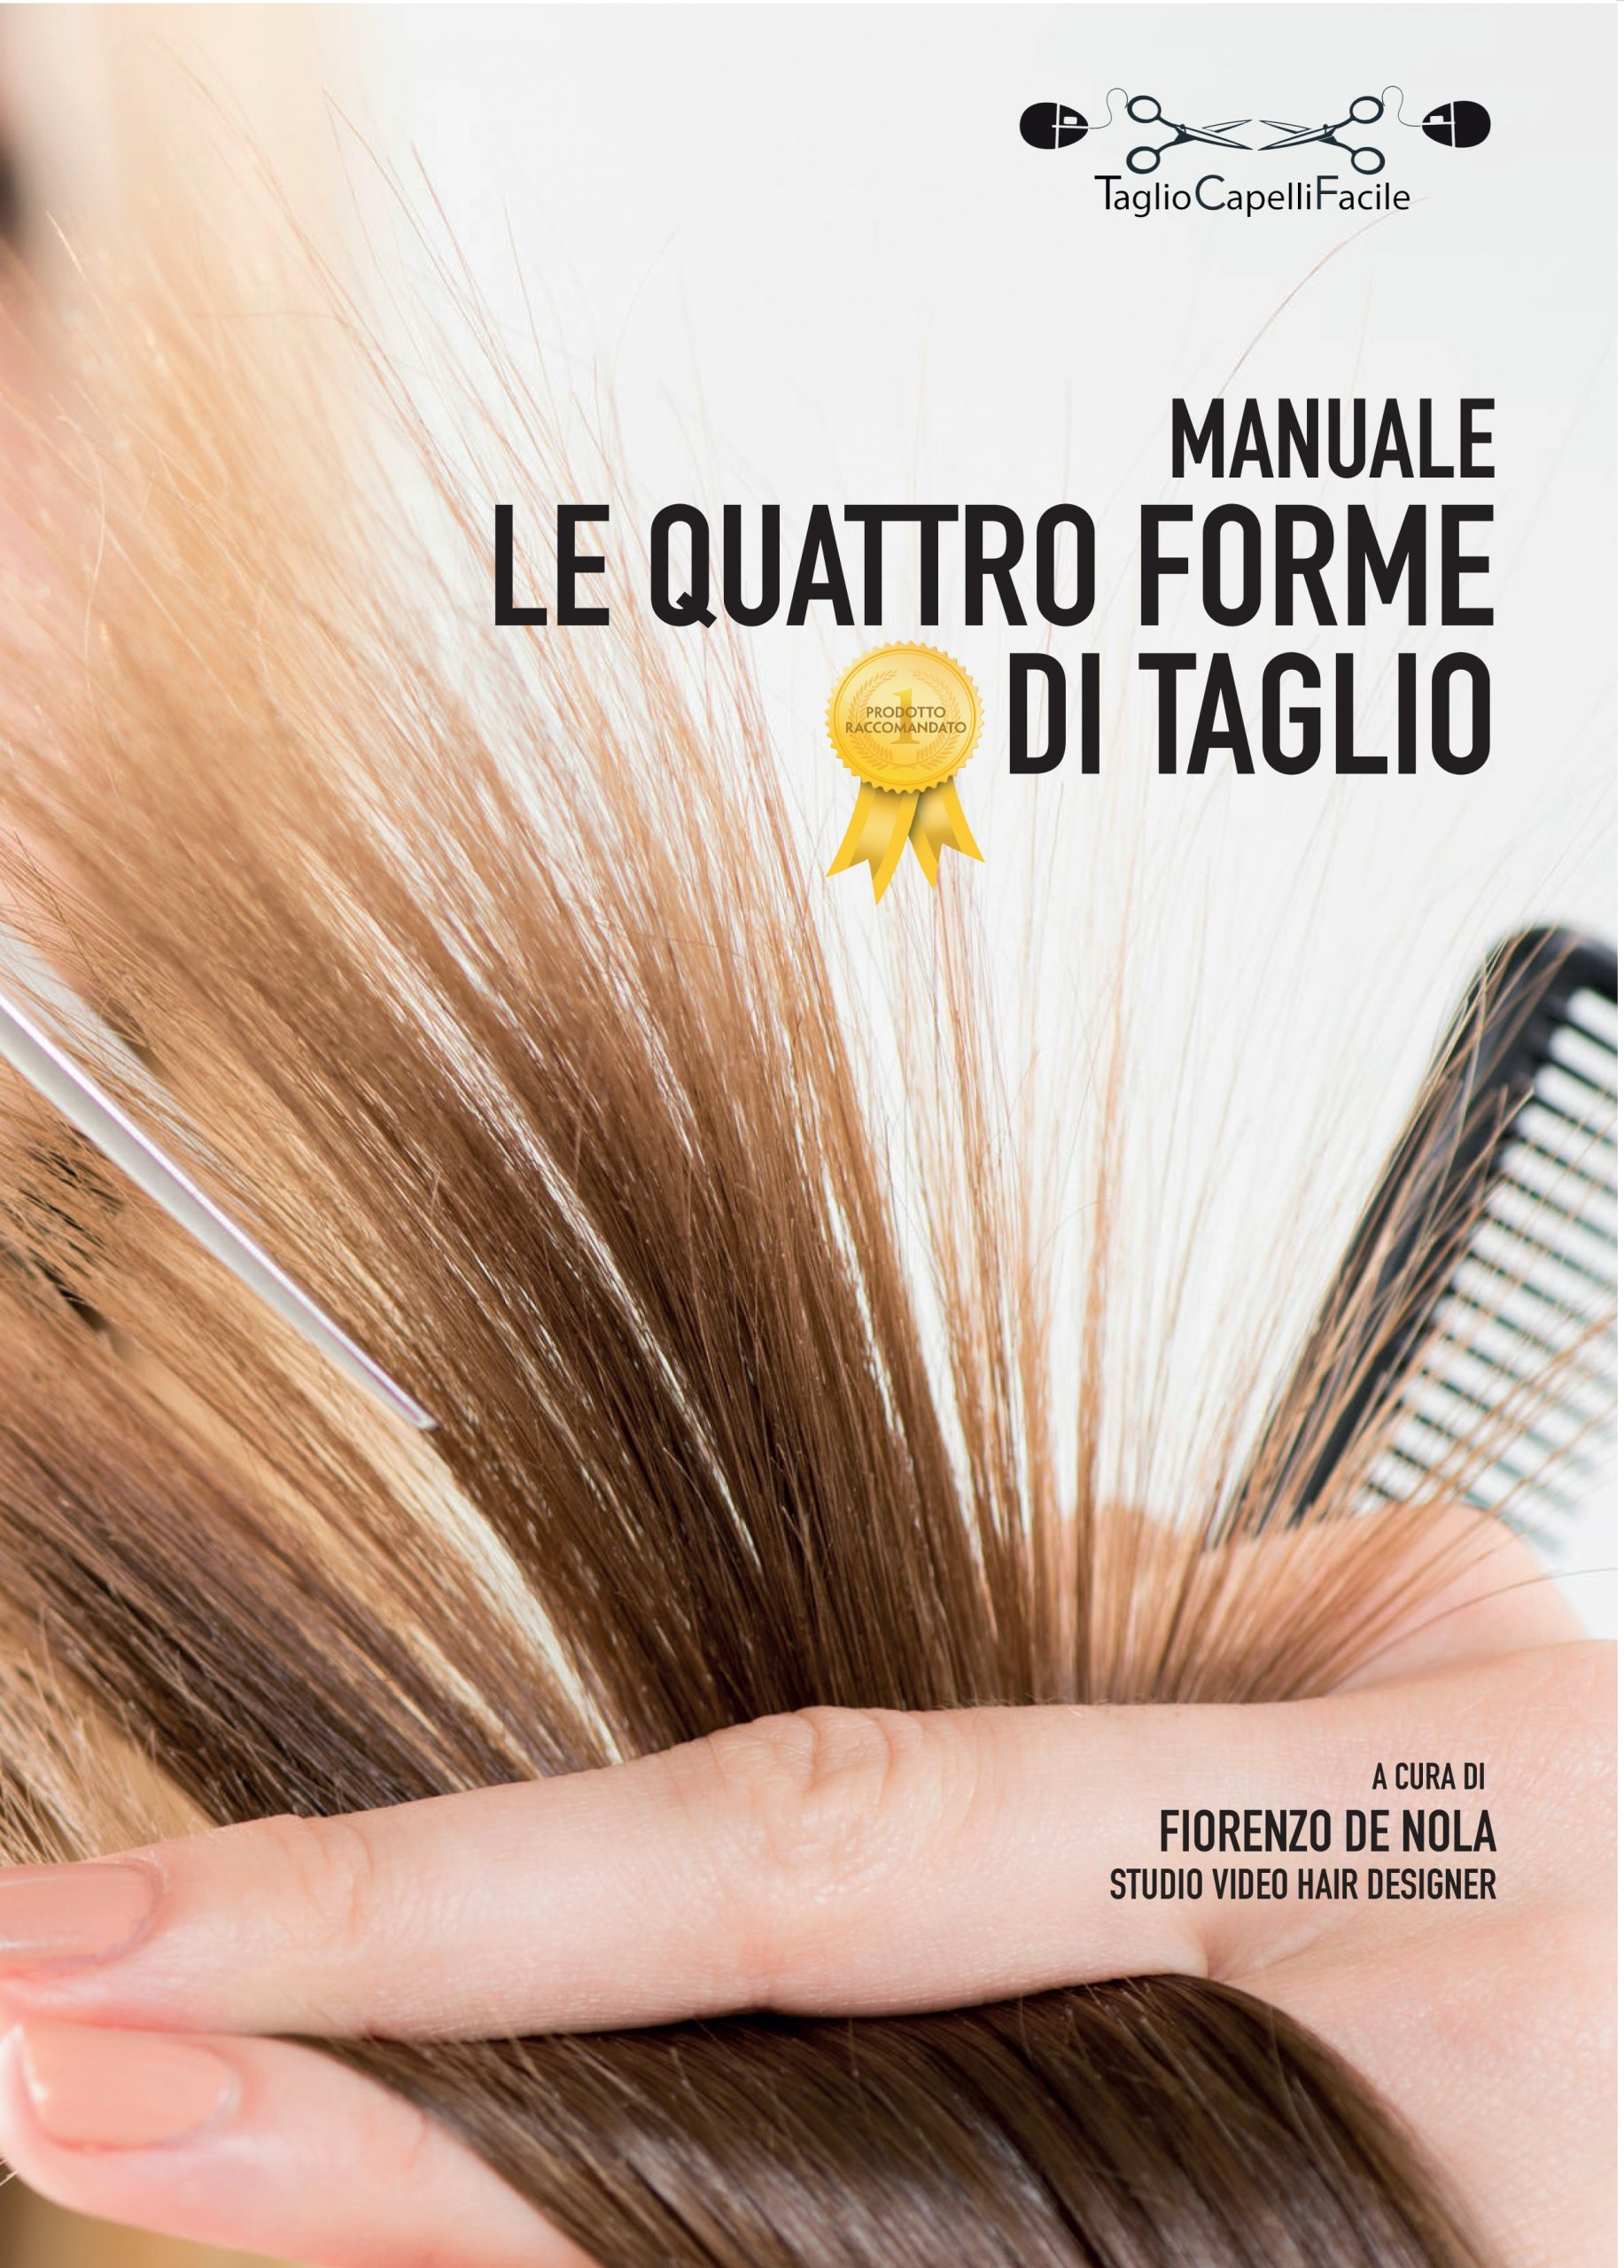 manuale del taglio donna, Taglio capelli Facile